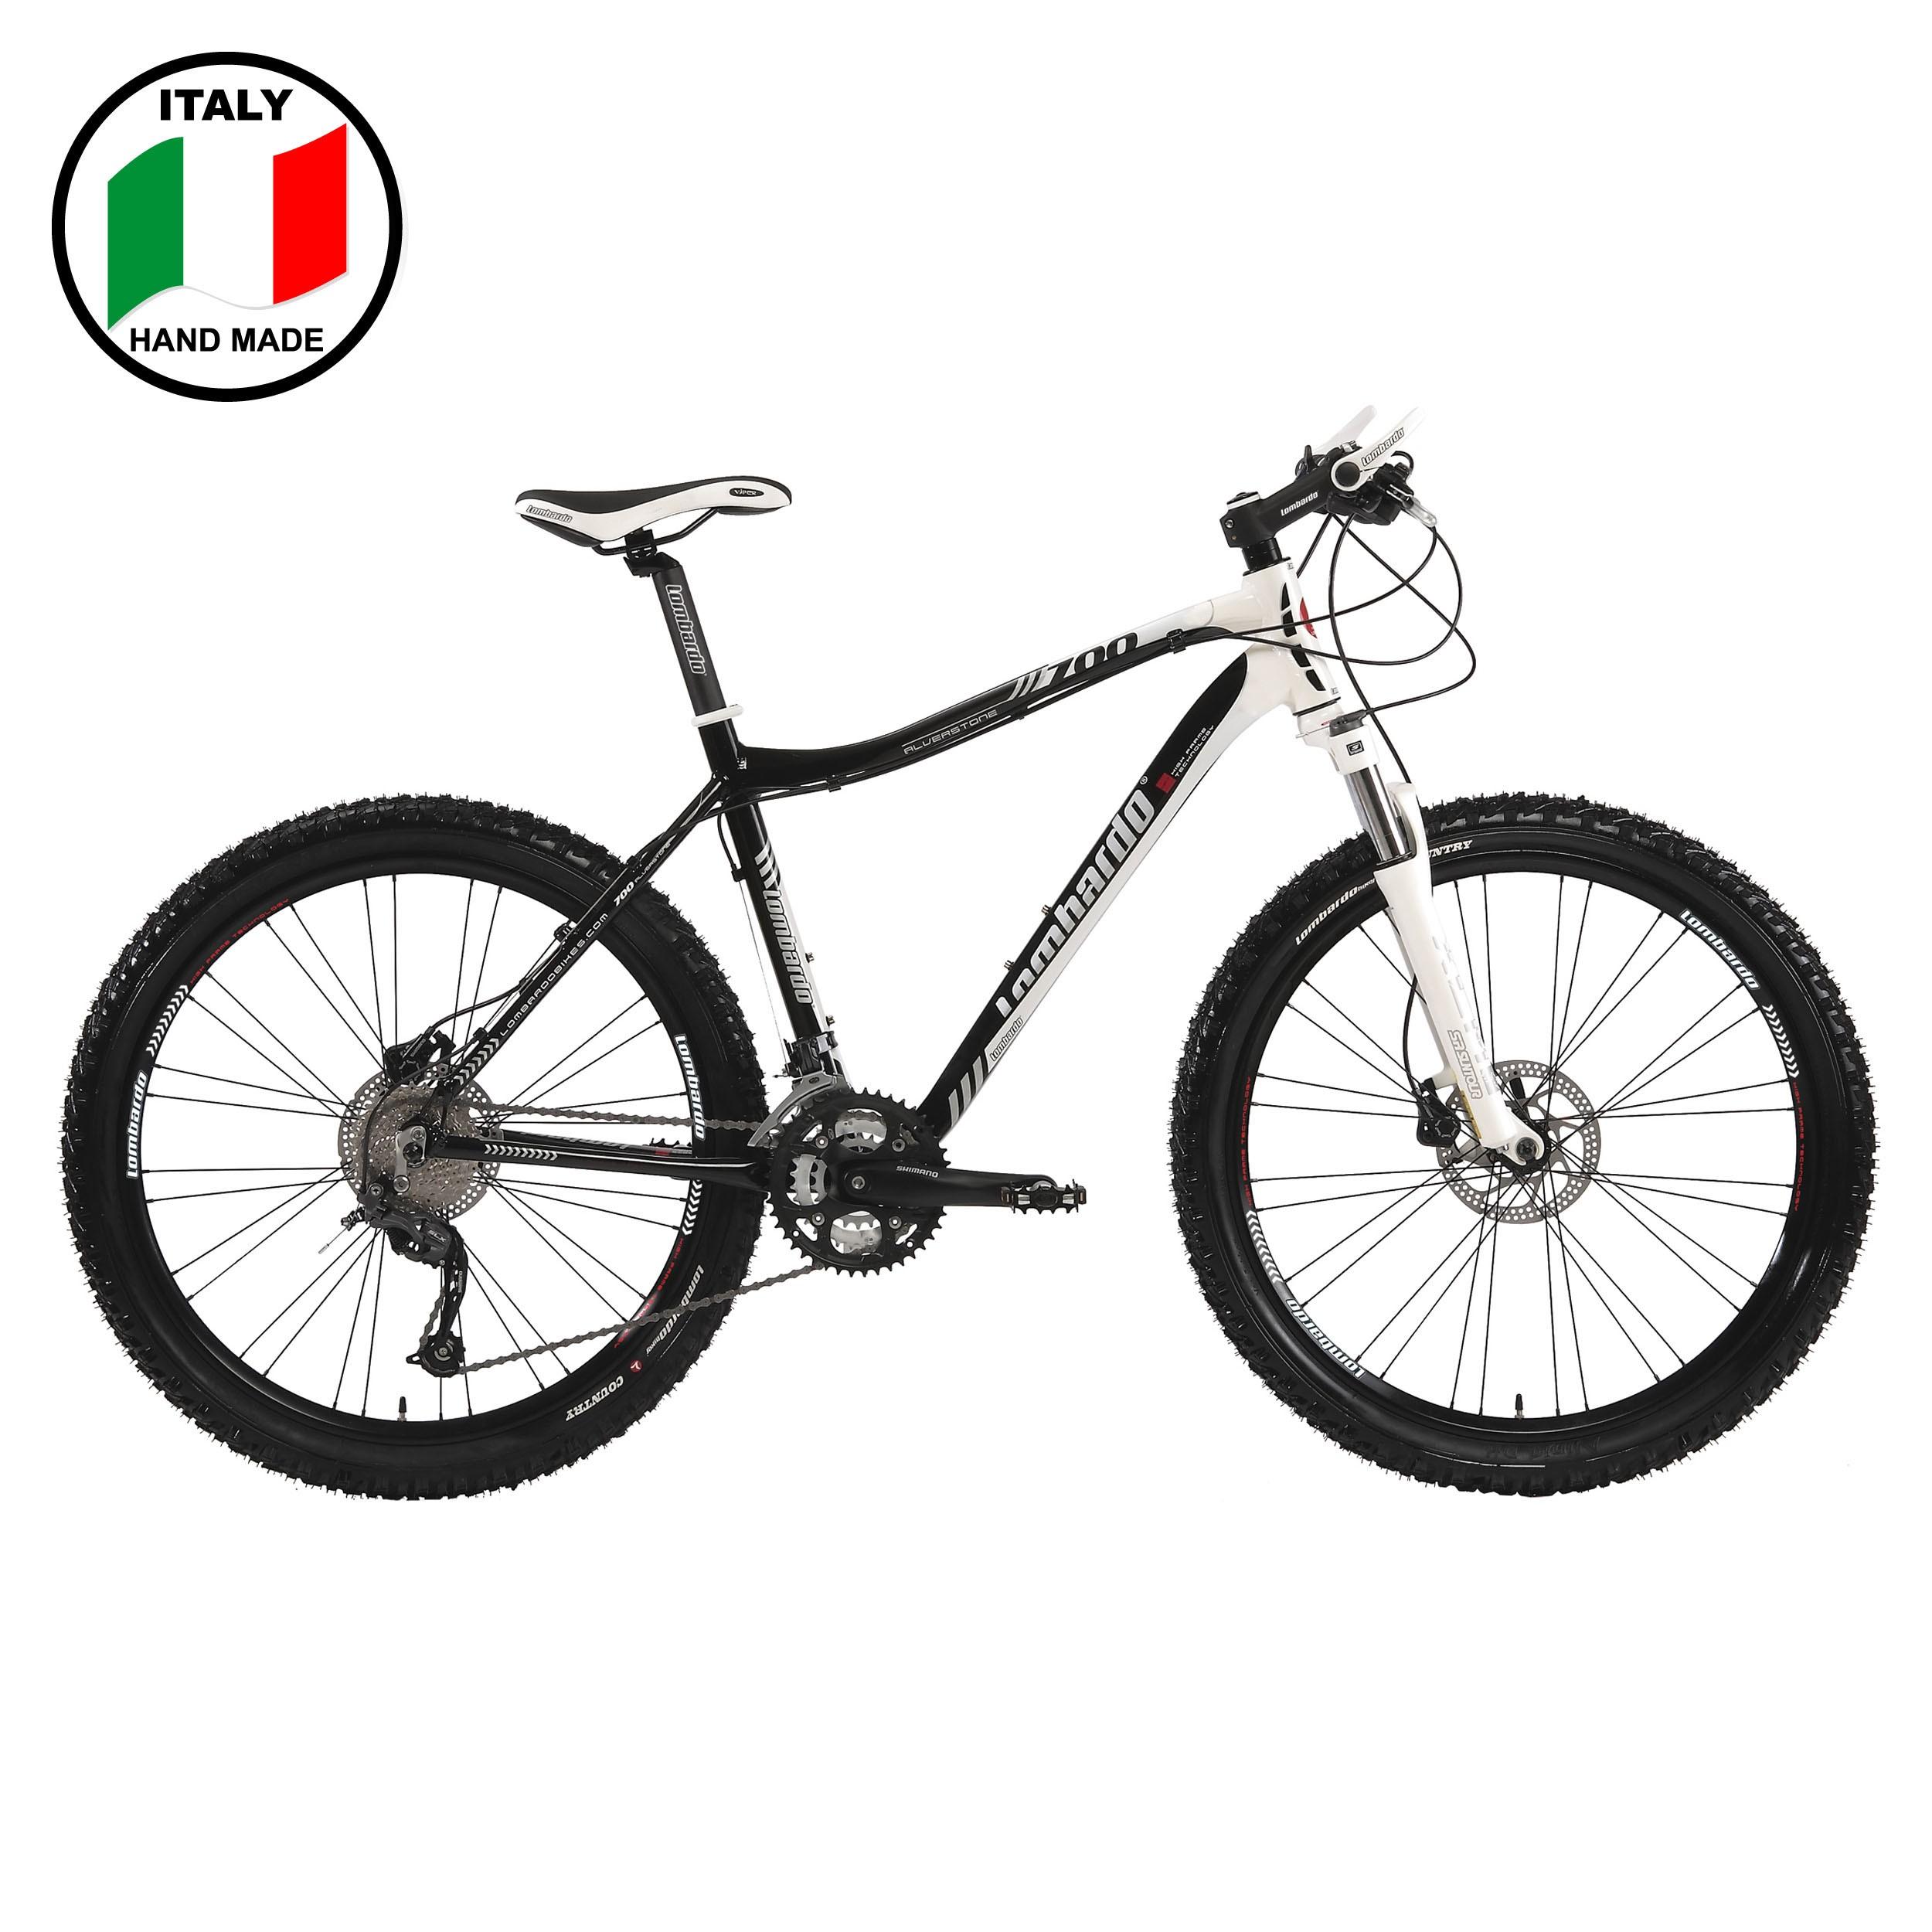 Lombardo Alverstone 700 26 inch Bike- Black and White